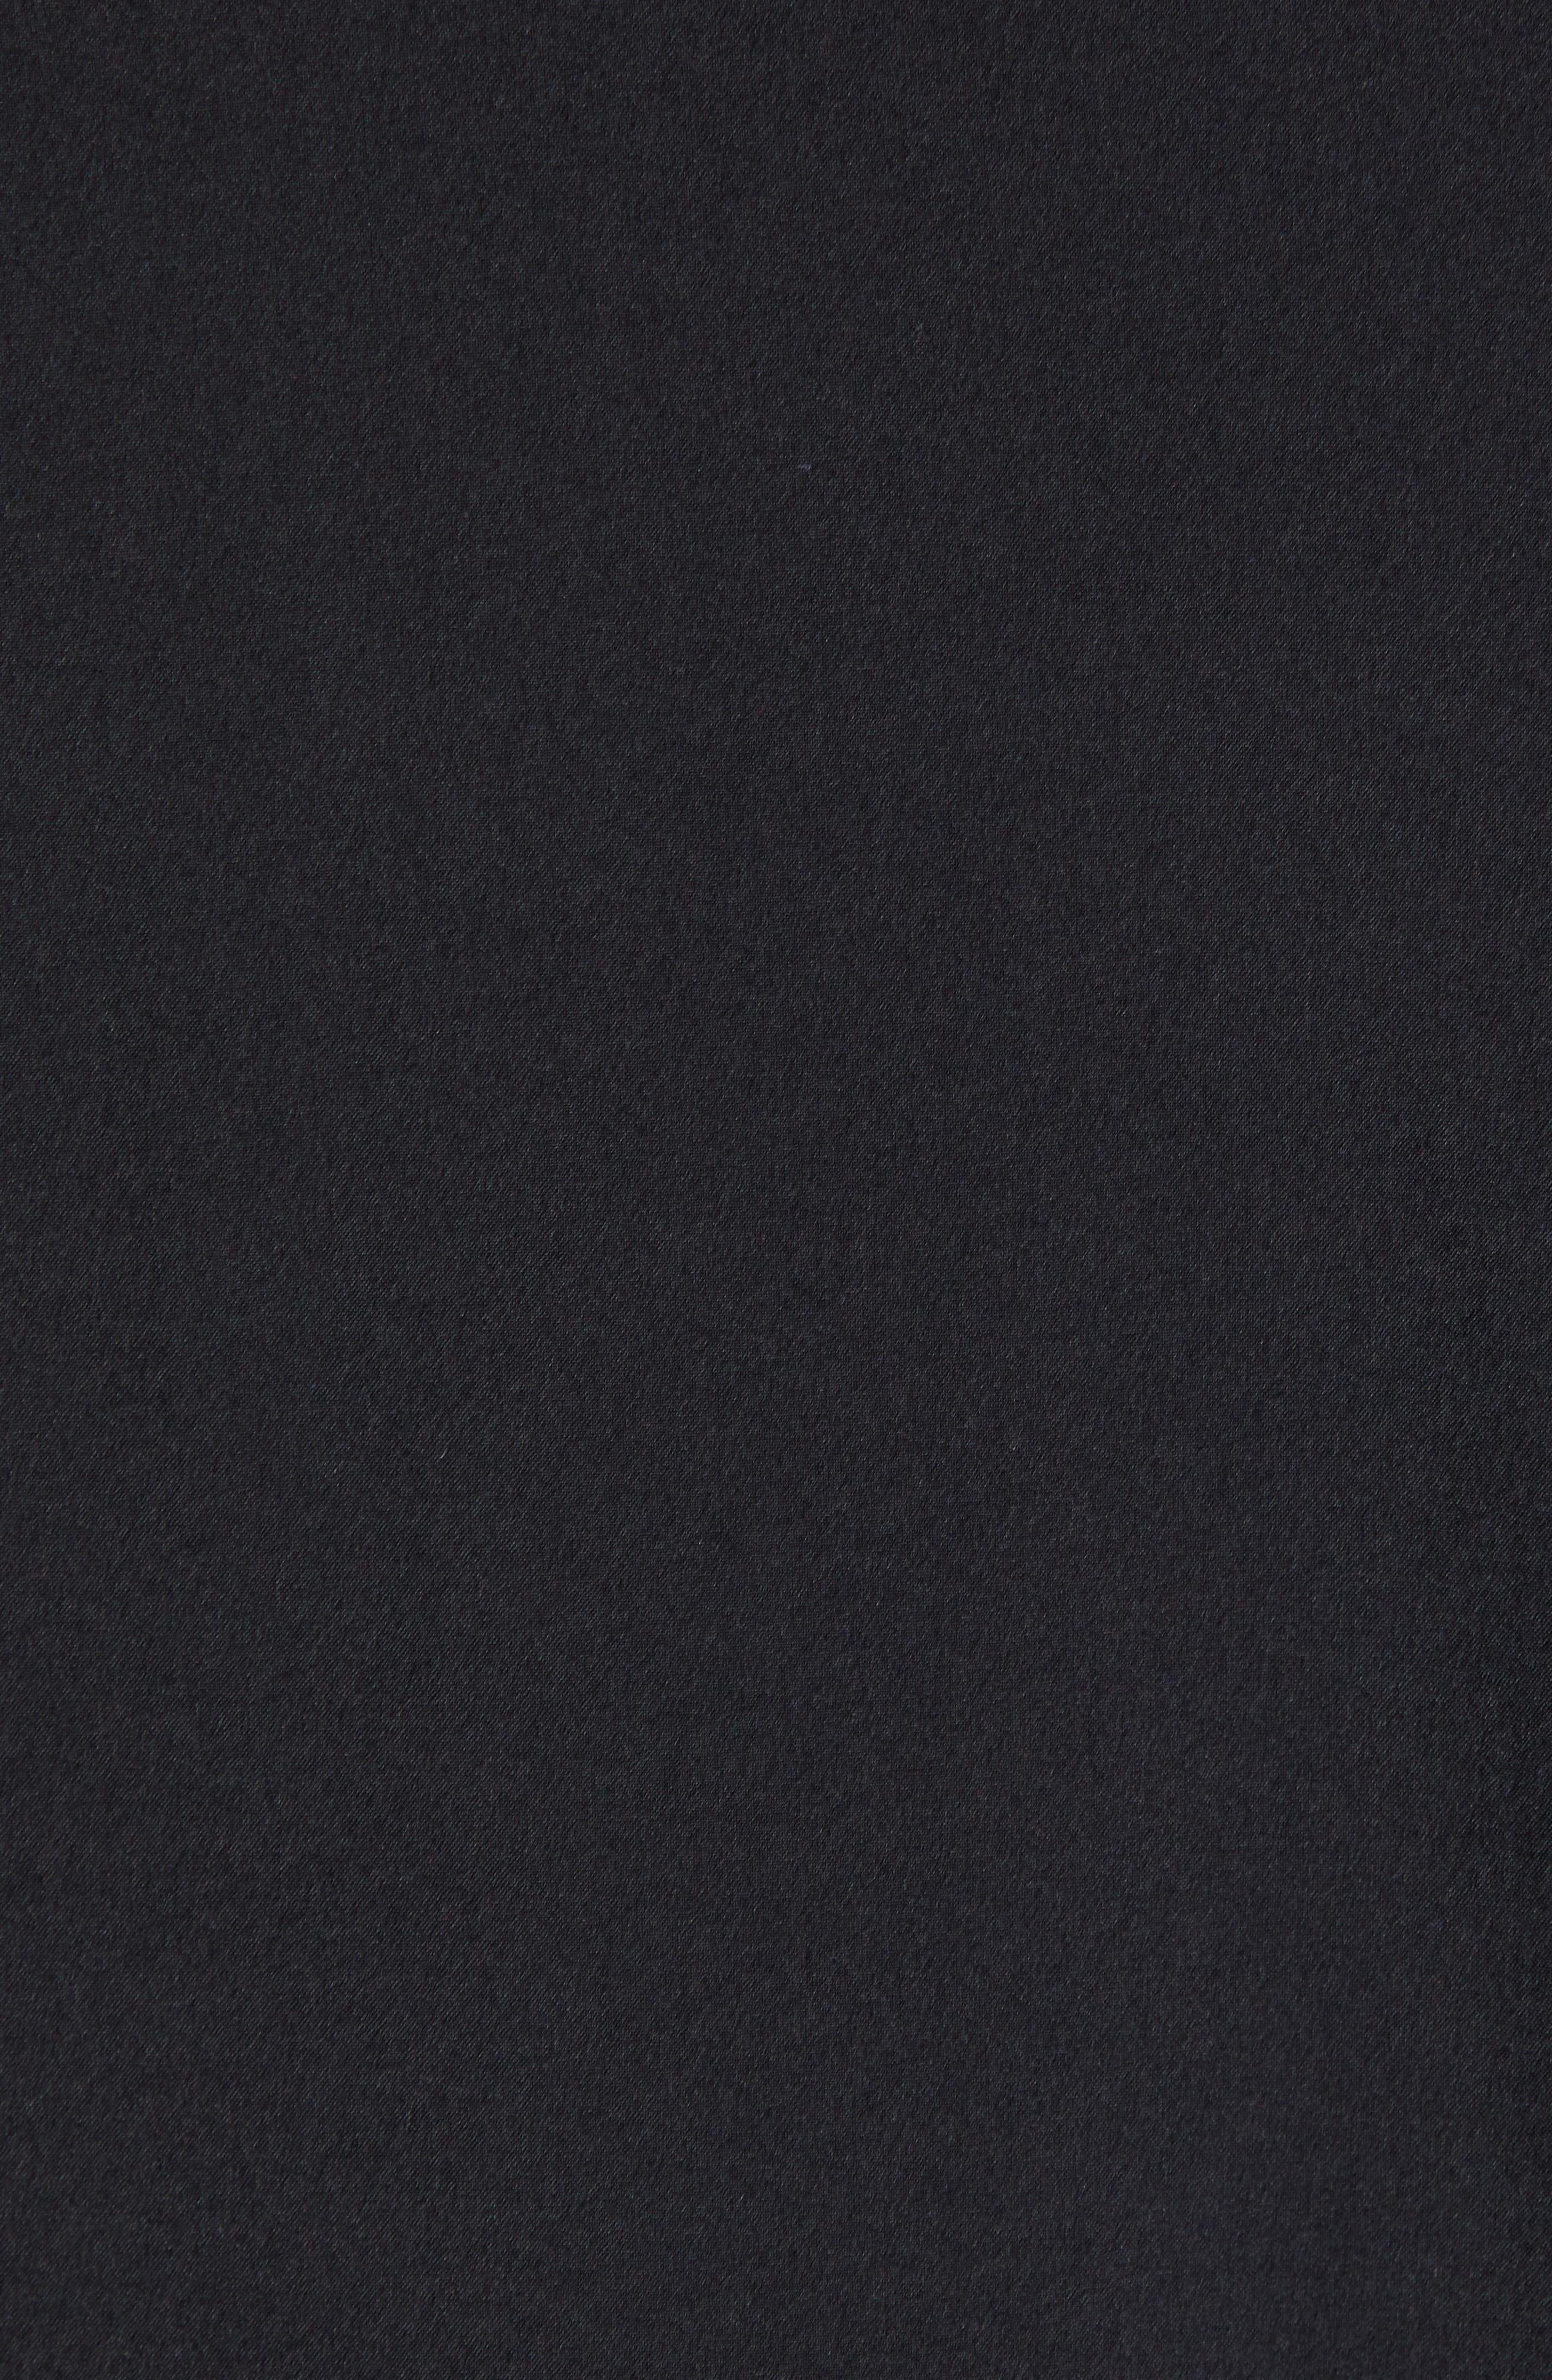 ,                             Response Hybrid Overknit Quarter Zip Pullover,                             Alternate thumbnail 6, color,                             BLACK